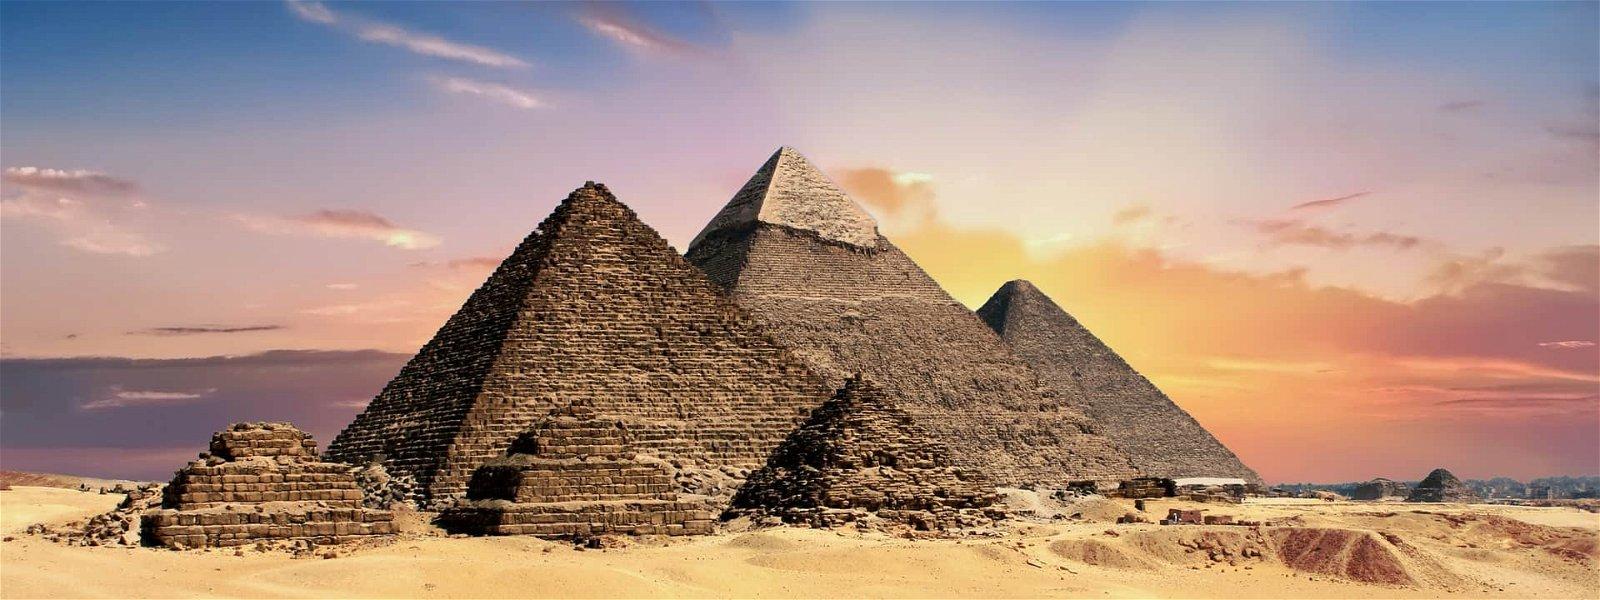 History of salt in egypt